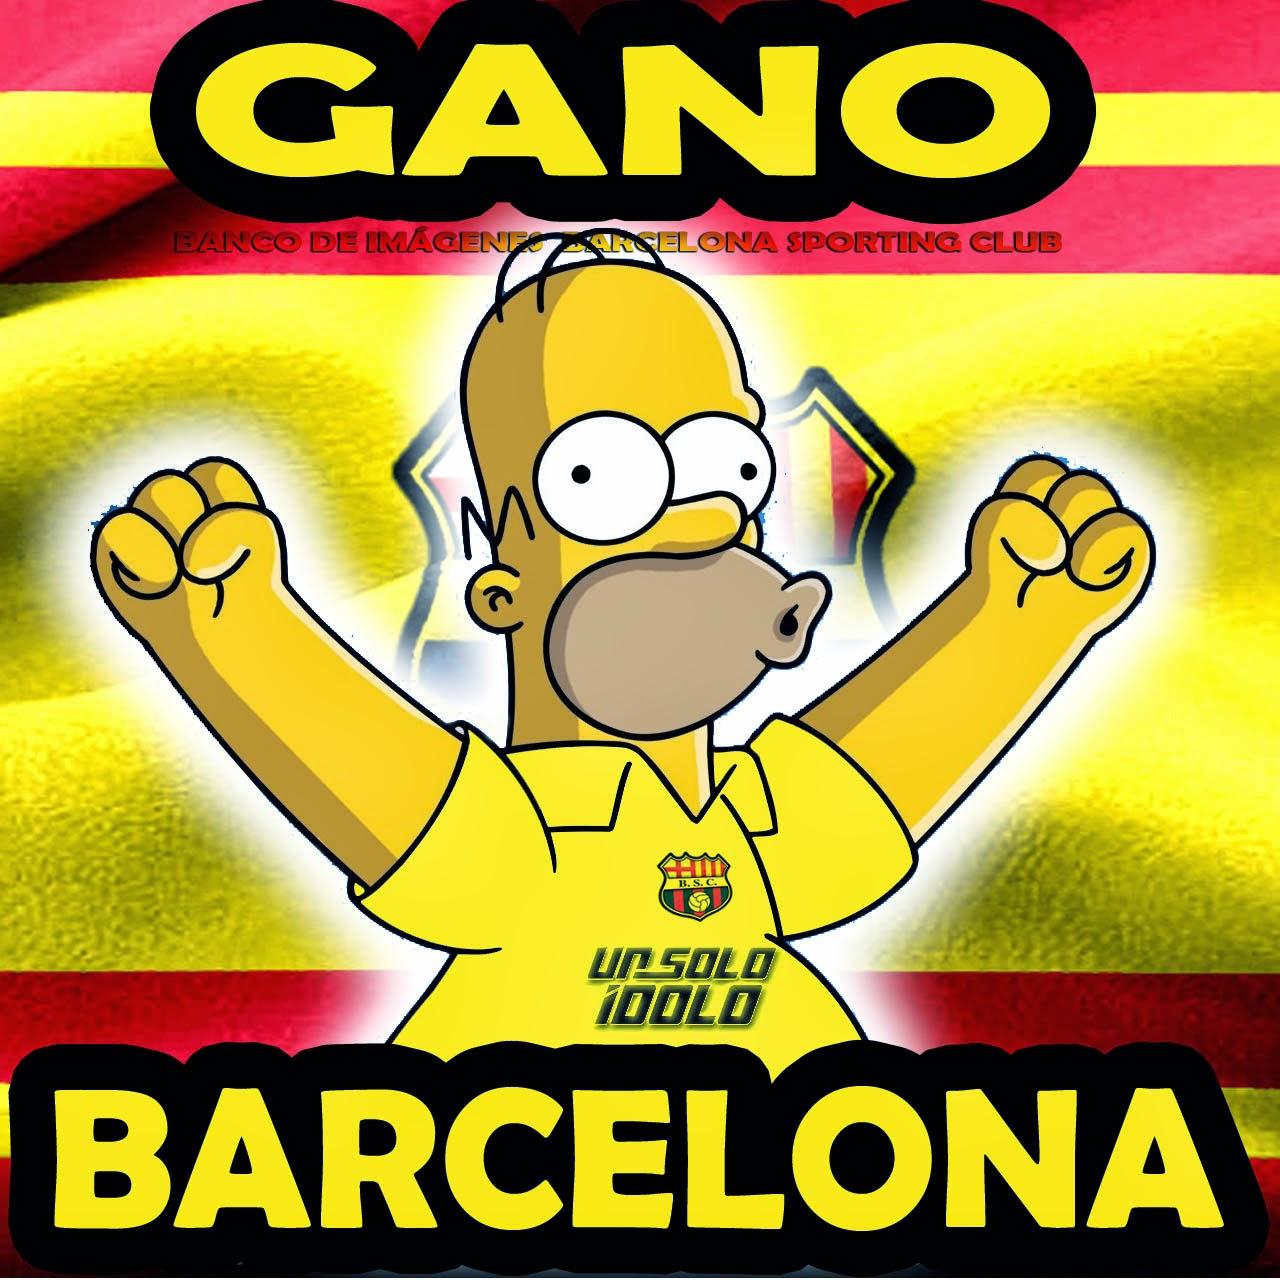 Imagenes Del Barcelona Imagenes Y Fondos | apexwallpapers.com